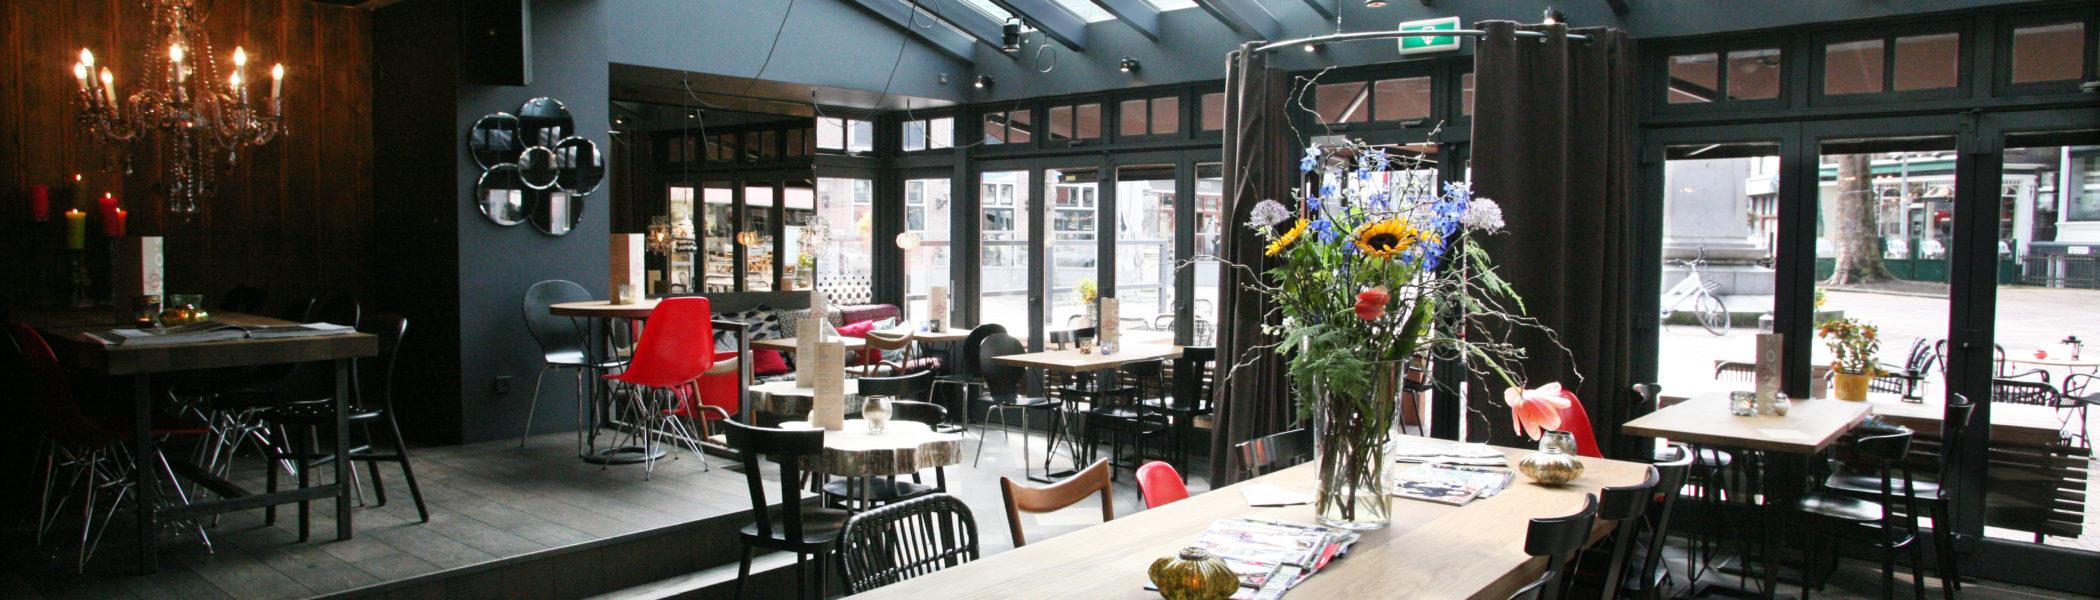 restaurant-zaandam-manzo-bar-bistro-interieur-entree